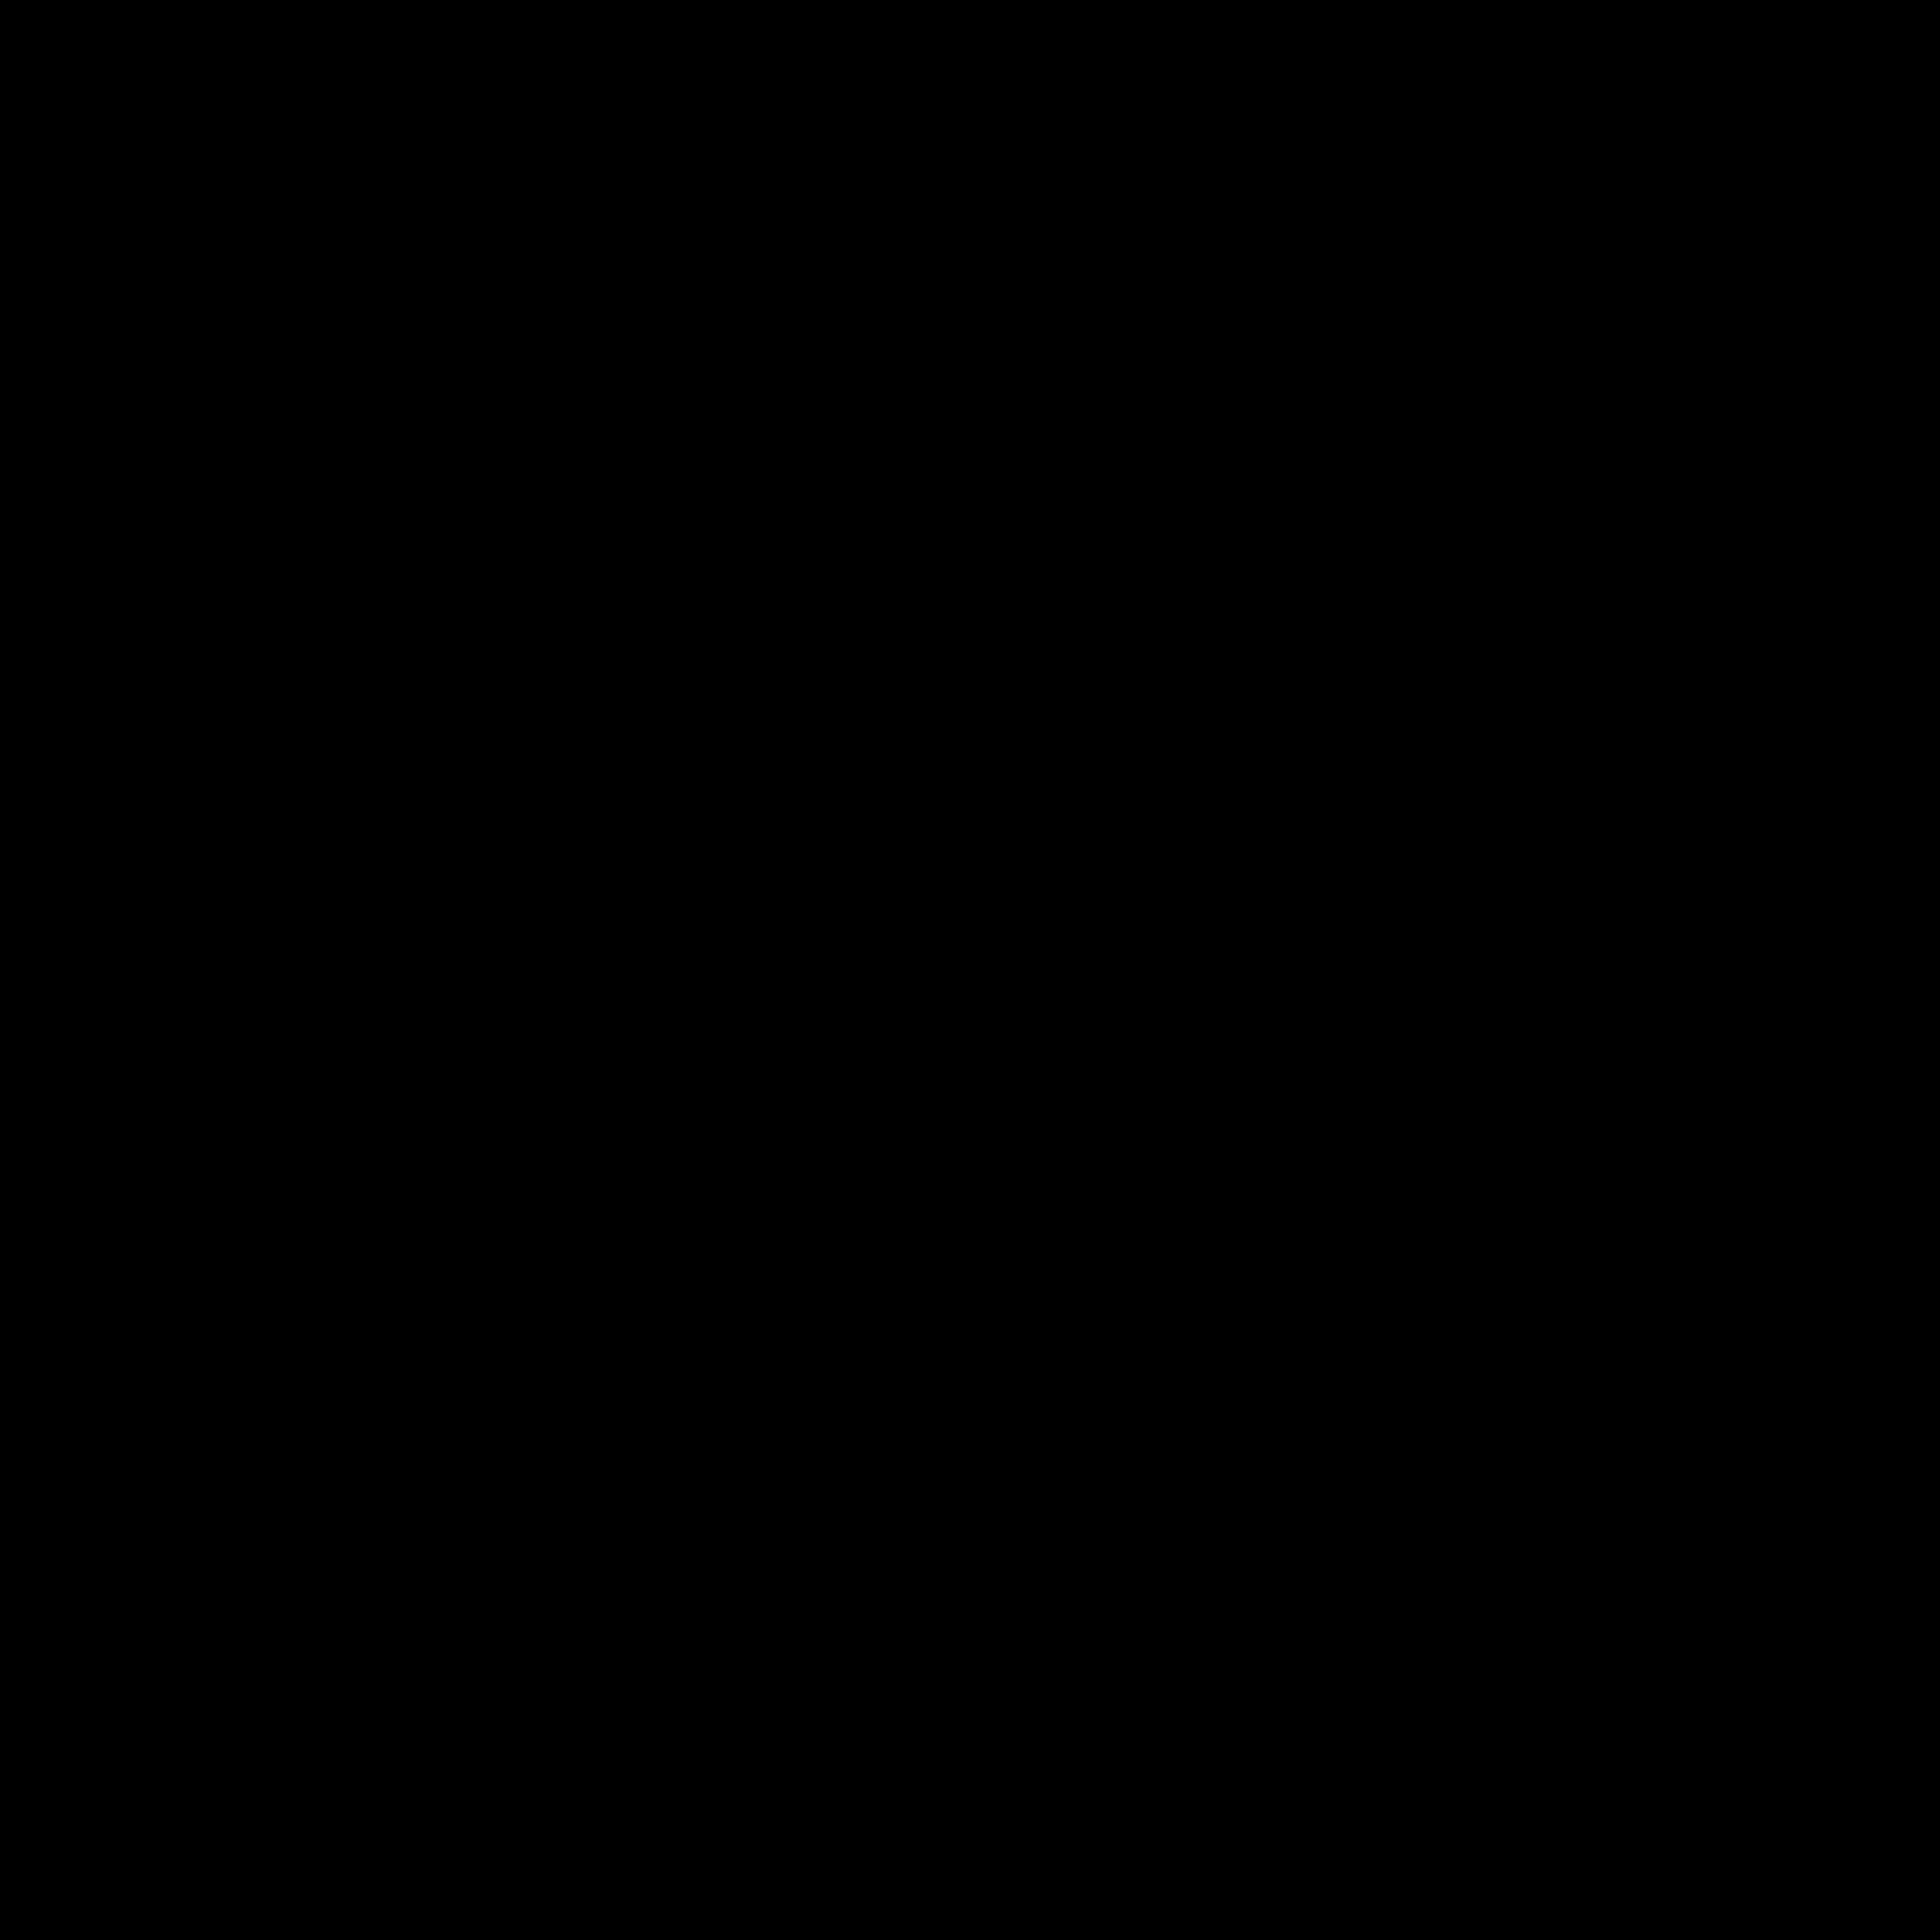 PROJETO VIDA ETERNA logo preto